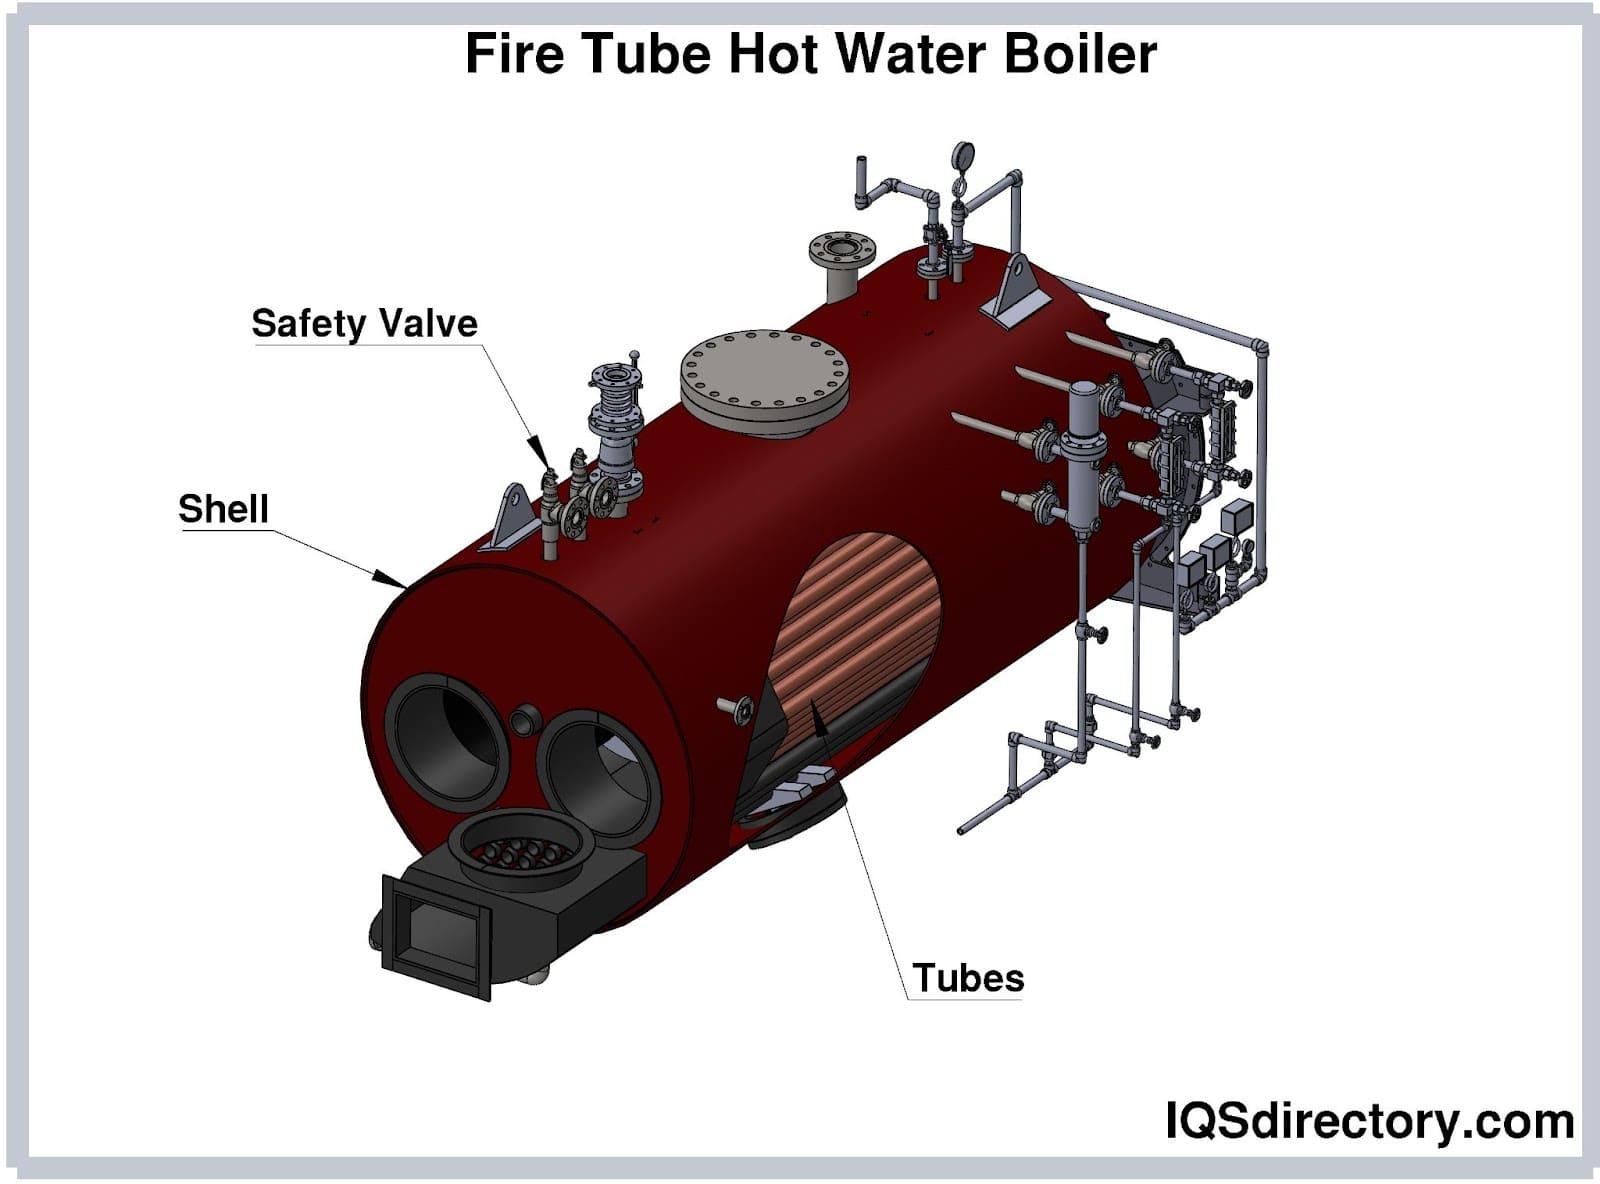 Fire Tube Hot Water Boiler